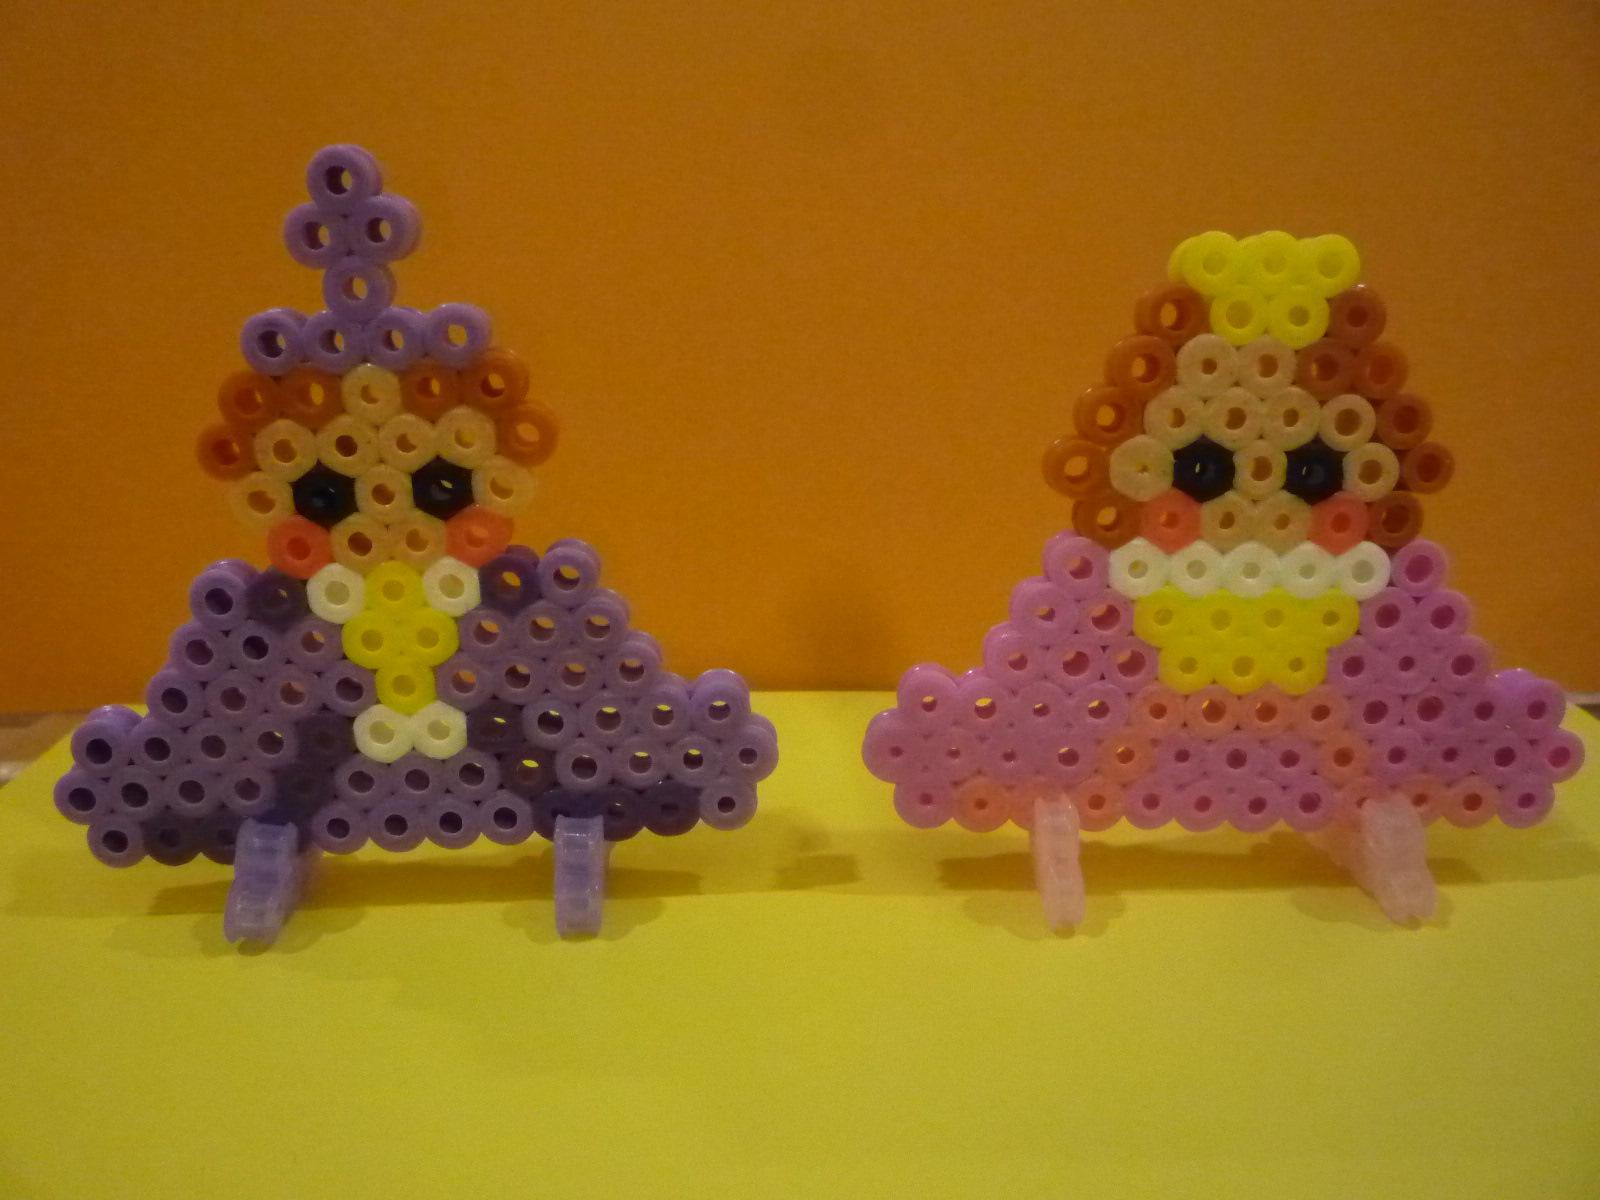 ハマビーズでひな人形づくりイベント開催!!